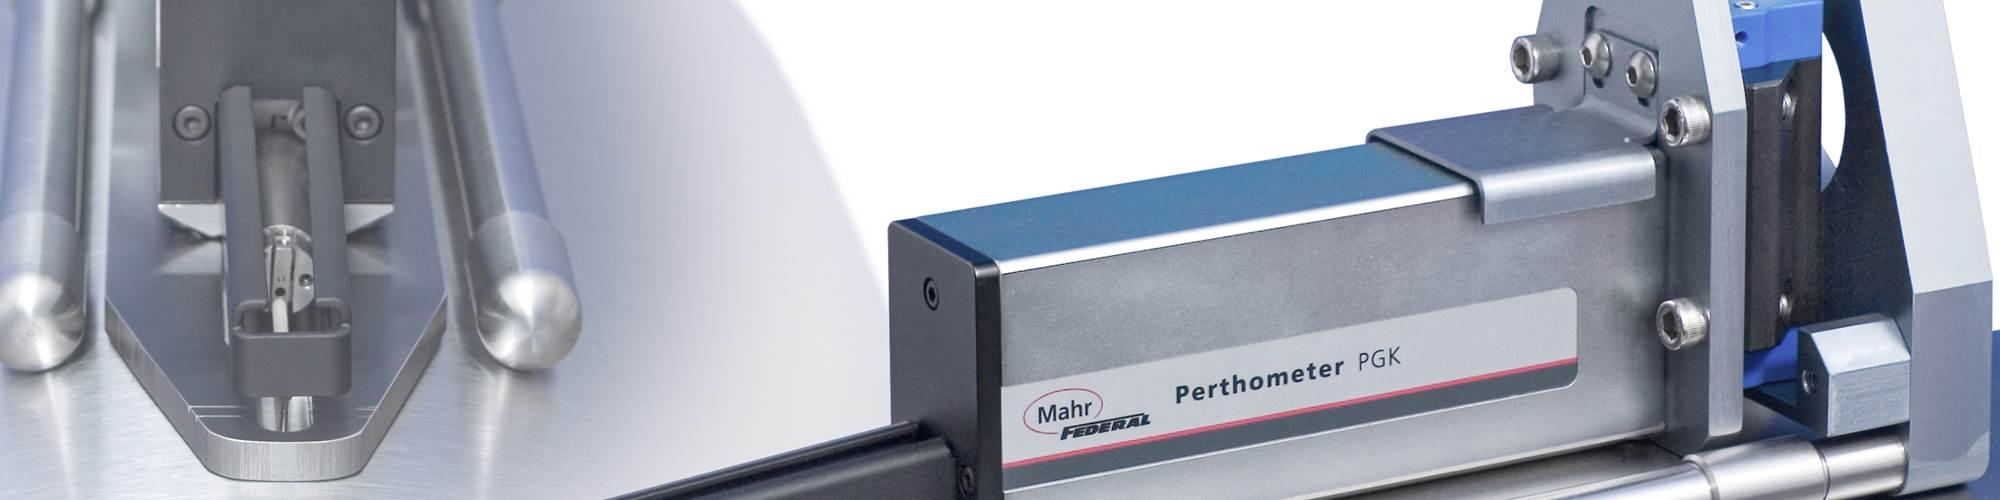 Ejemplo de fijación para sujetar una unidad de perfilado en un rodillo cilíndrico grande.